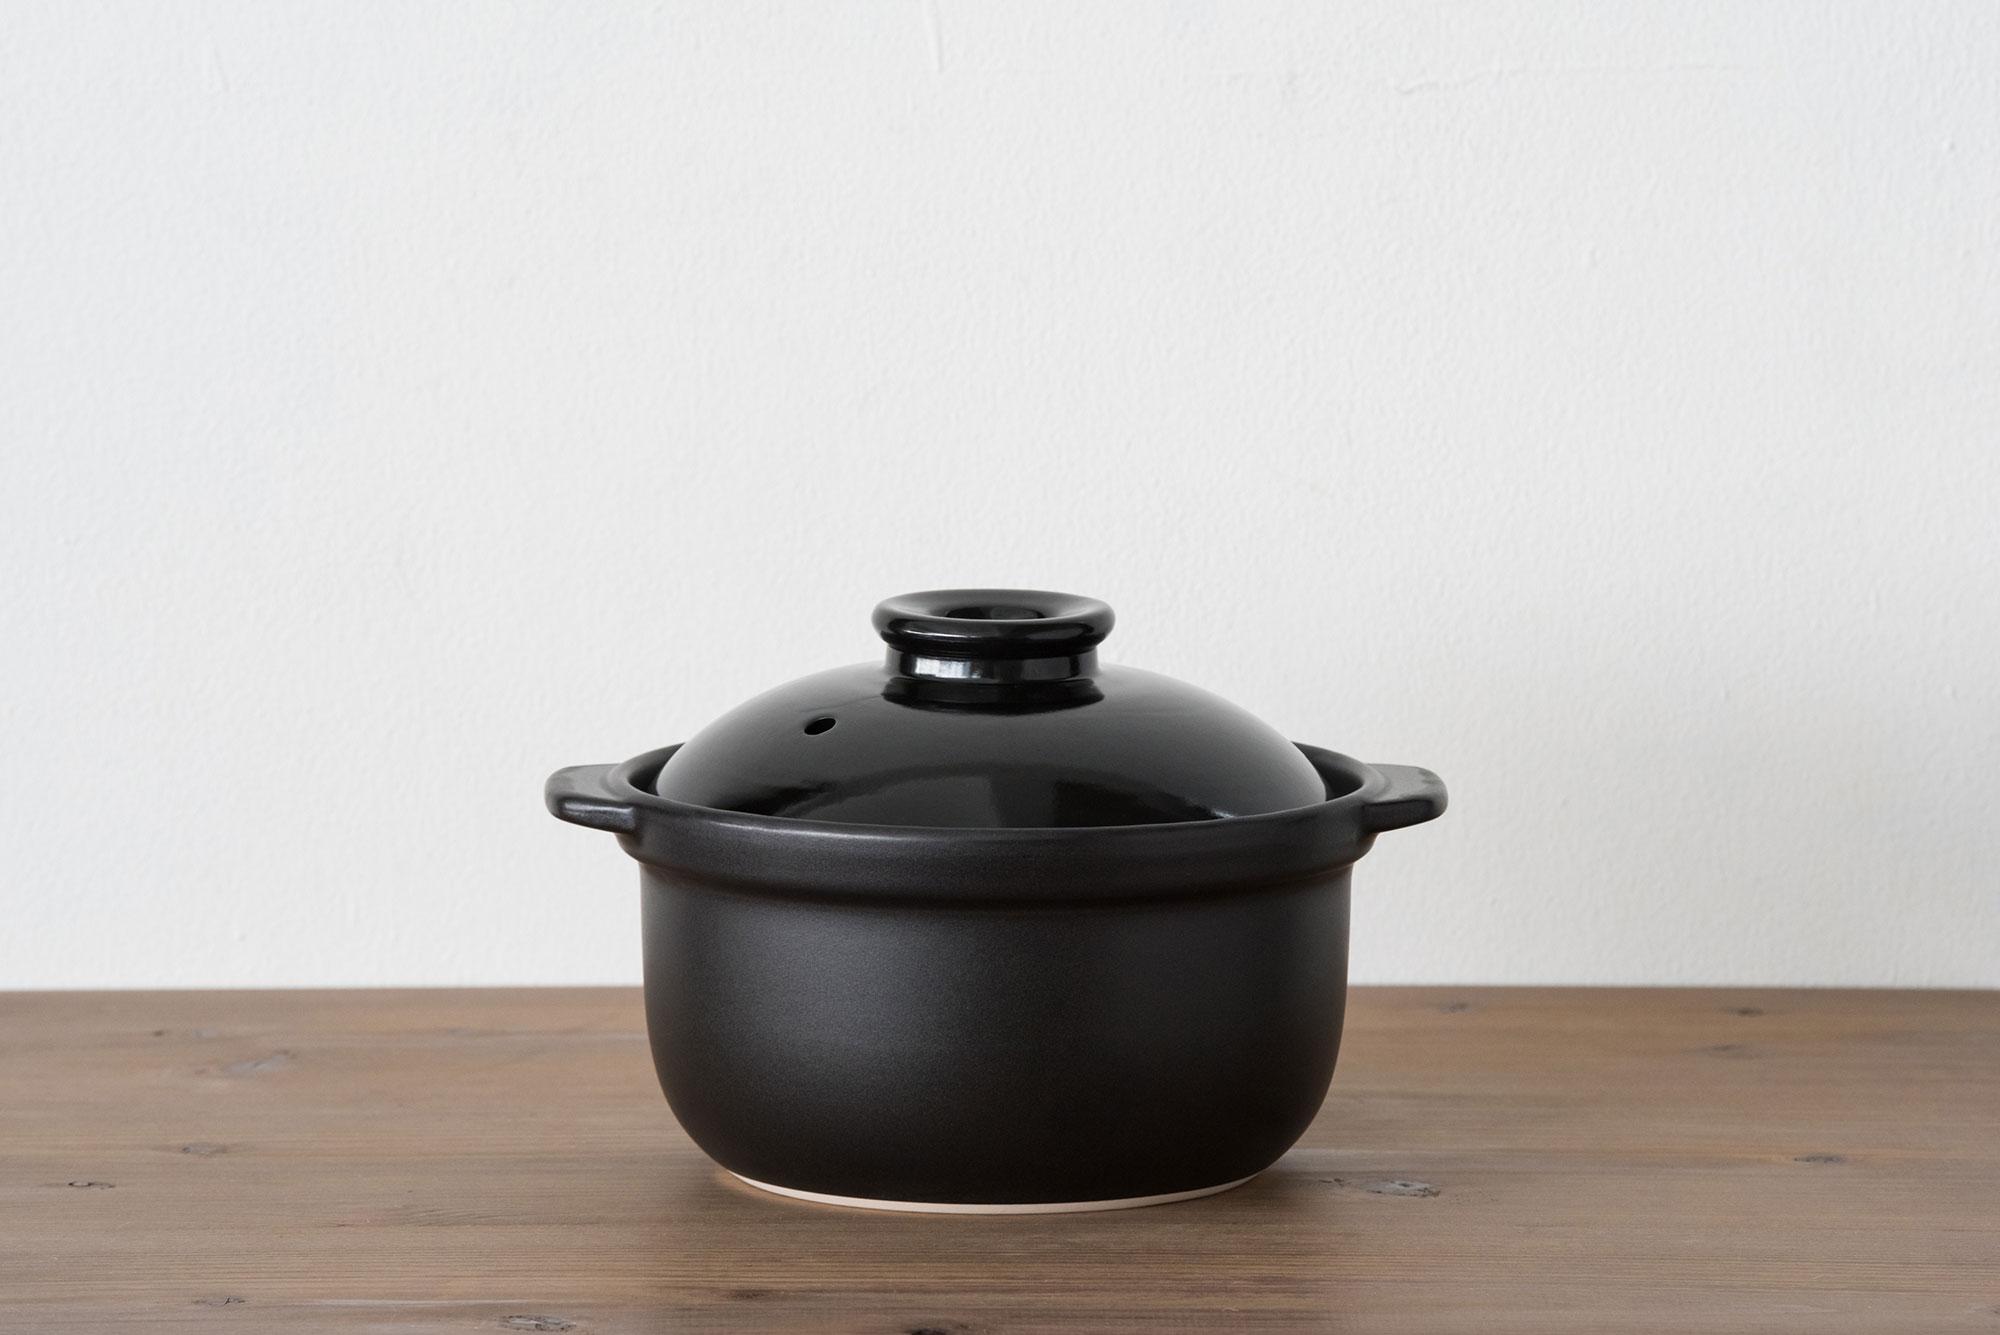 マスタークック 土鍋 3合深鍋 黒(ふた・木栓付)